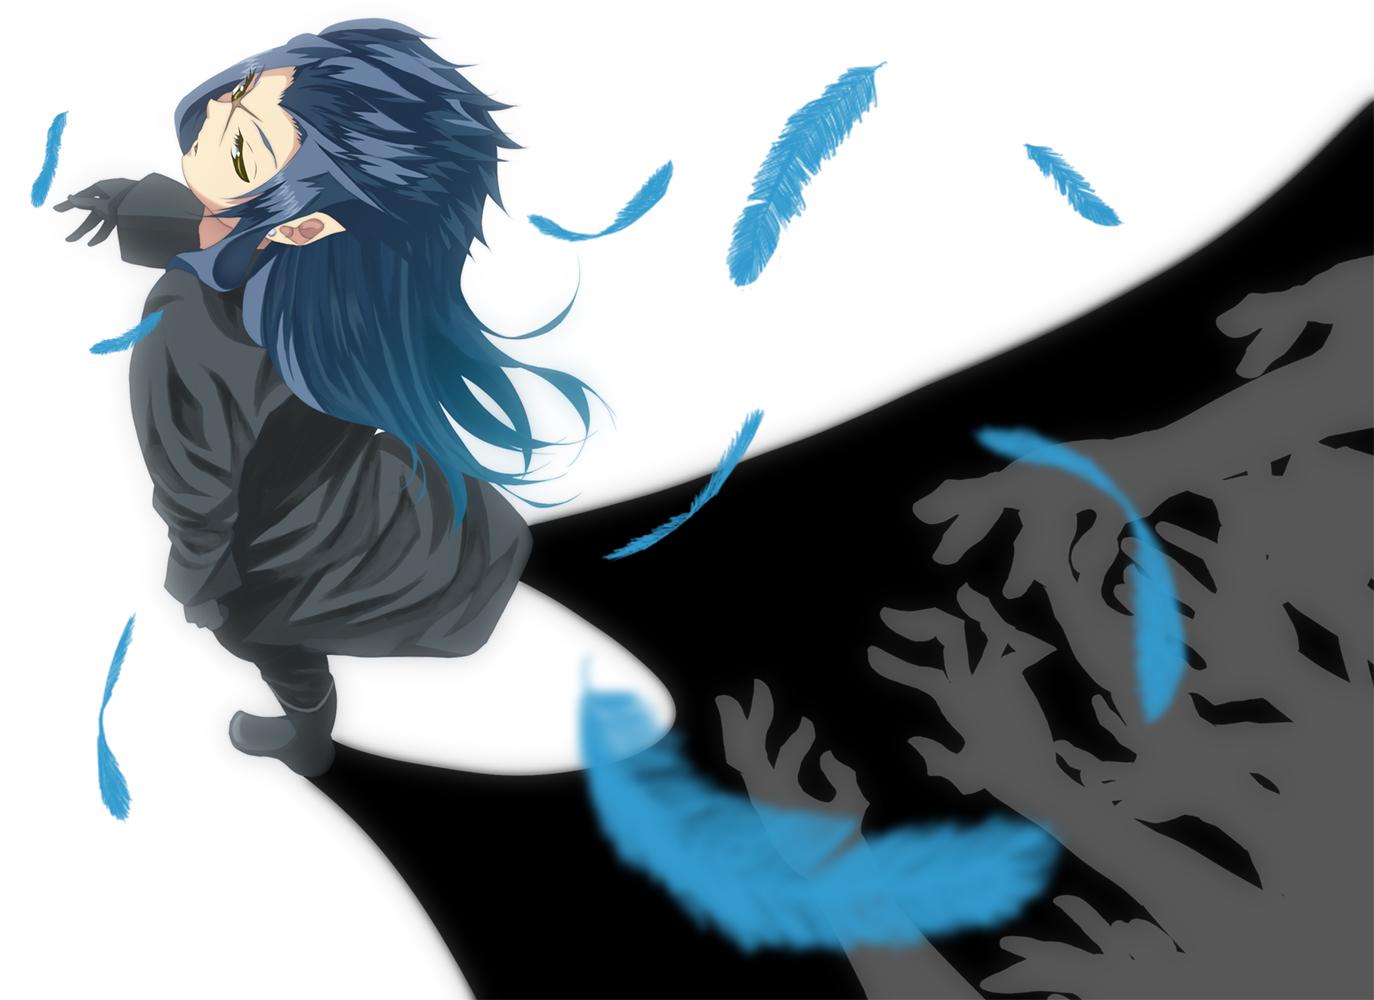 Sax   Organization XIII   Zerochan Anime Image Board 1374x1000